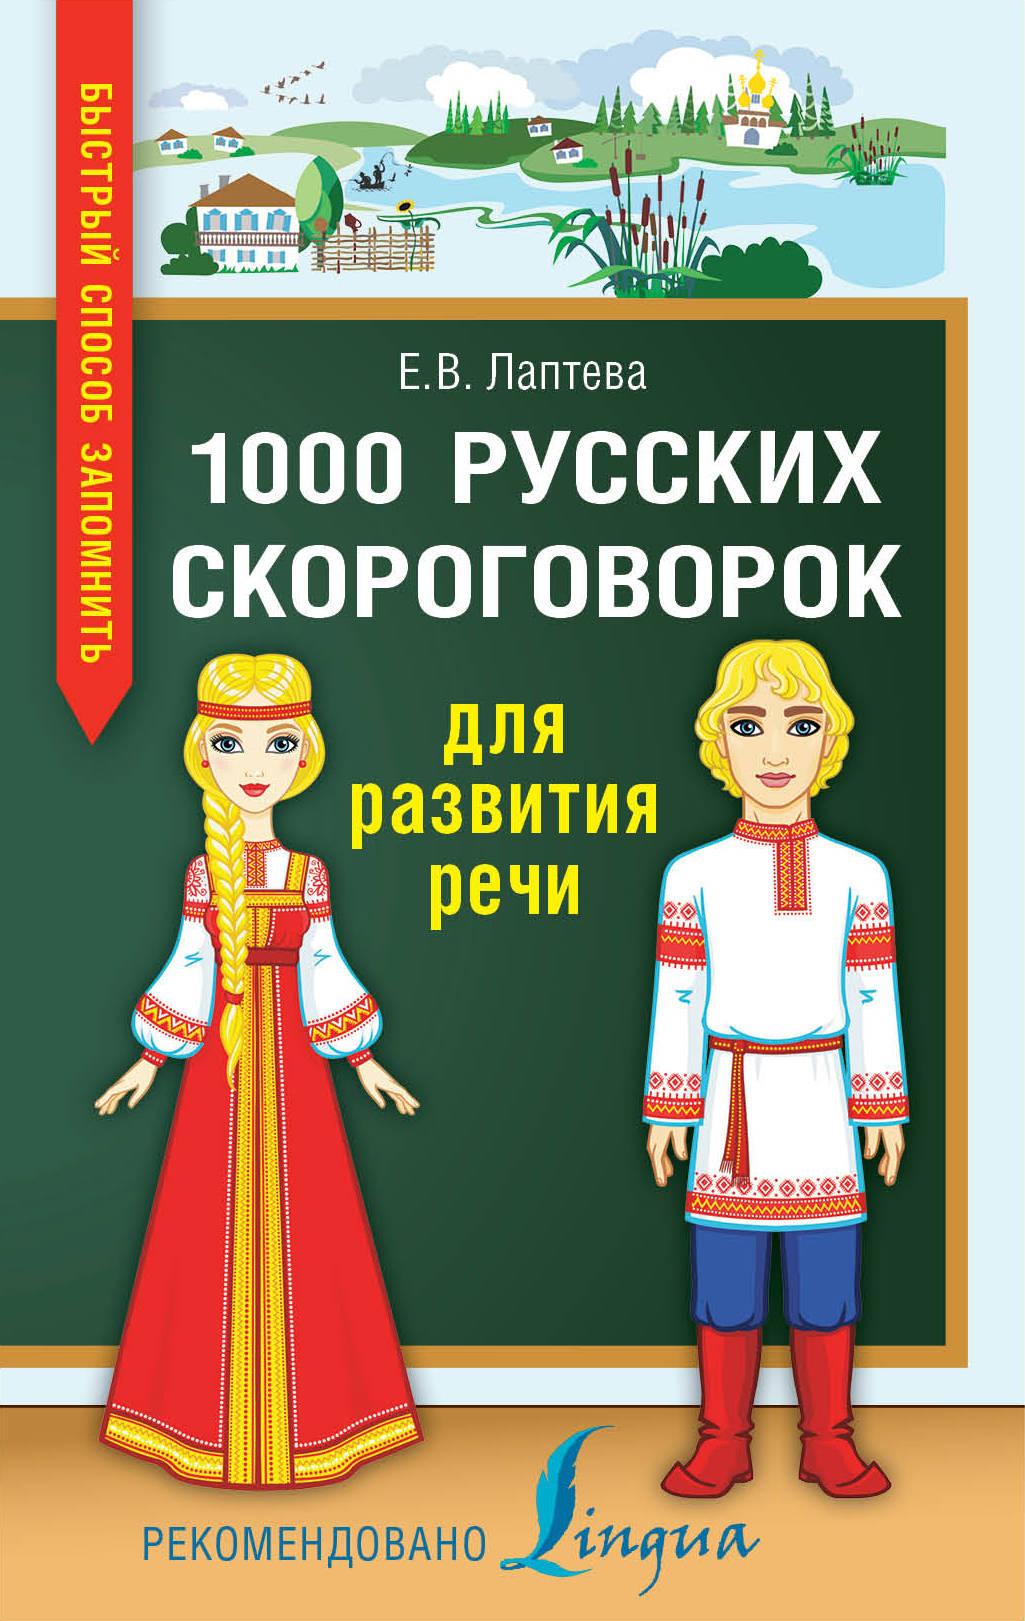 1000 русских скороговорок для развития речи, Песенки, потешки, скороговорки  - купить со скидкой